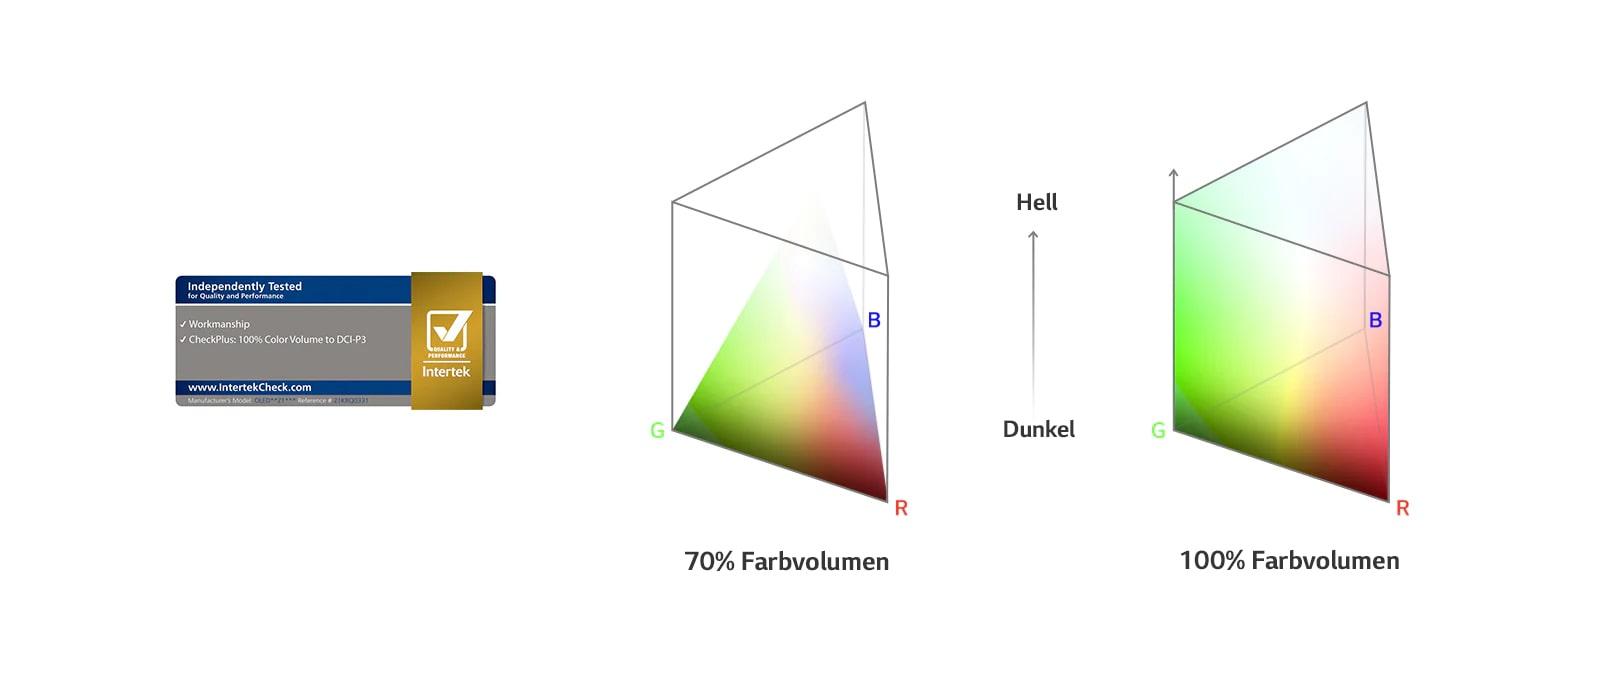 Logotip s certifikatom Intertek: 100% barva. Primerjalna tabela med 70% barv in 100% barv.